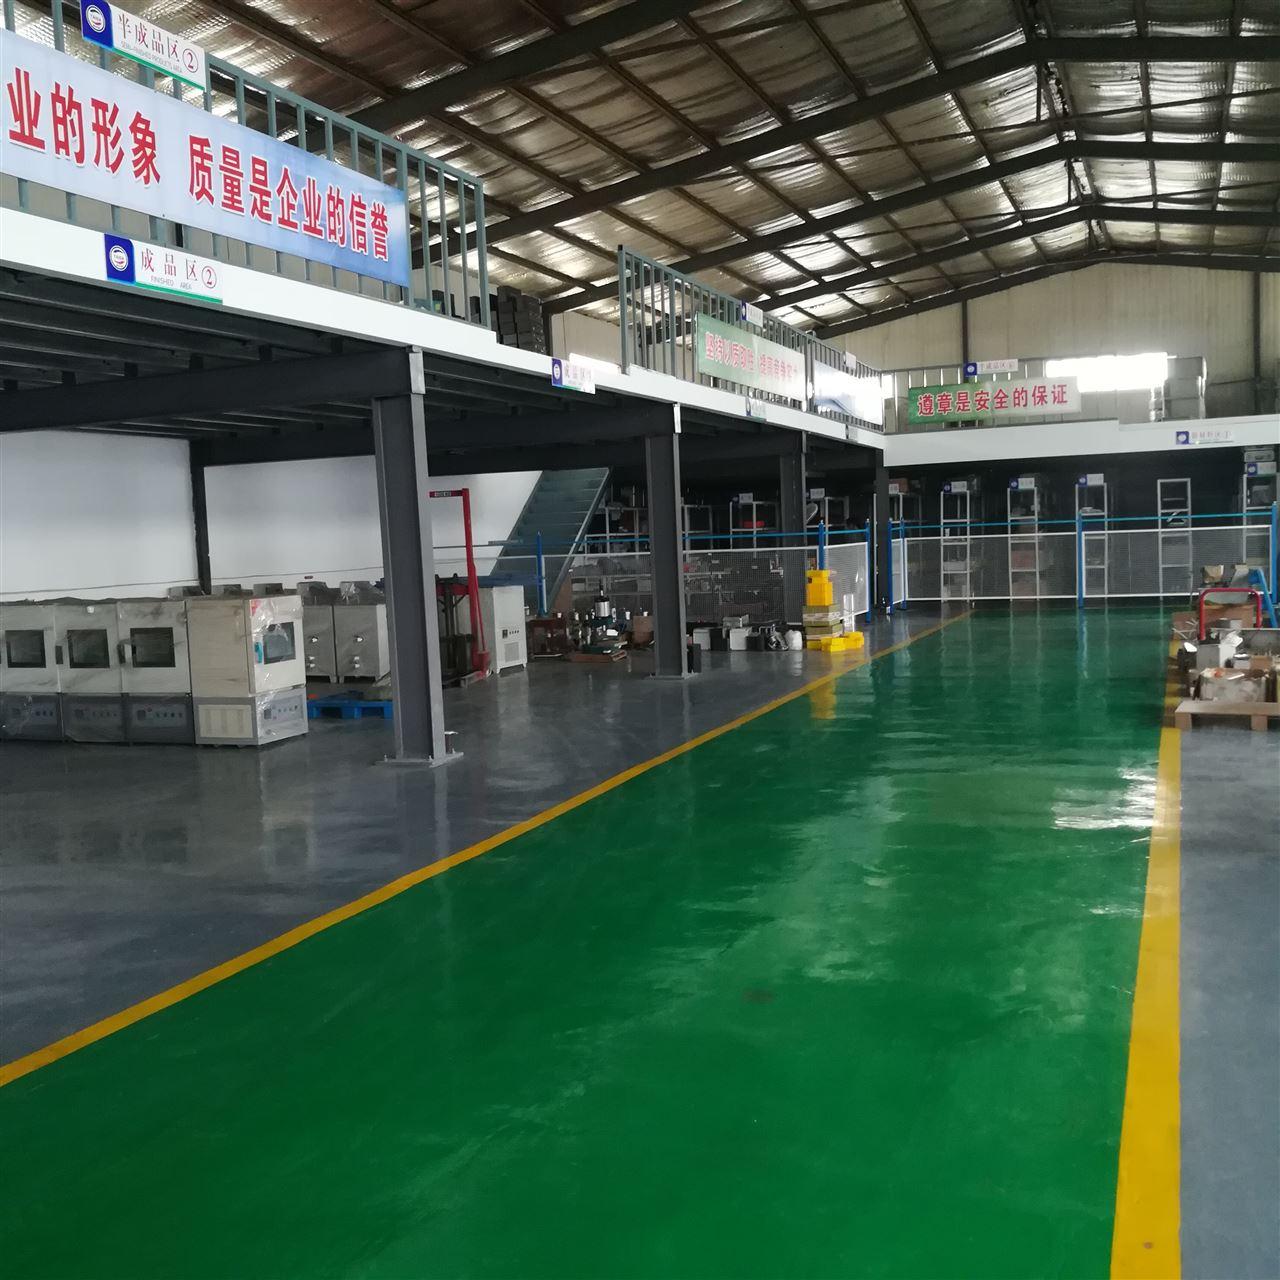 沧州路仪试验仪器有限公司